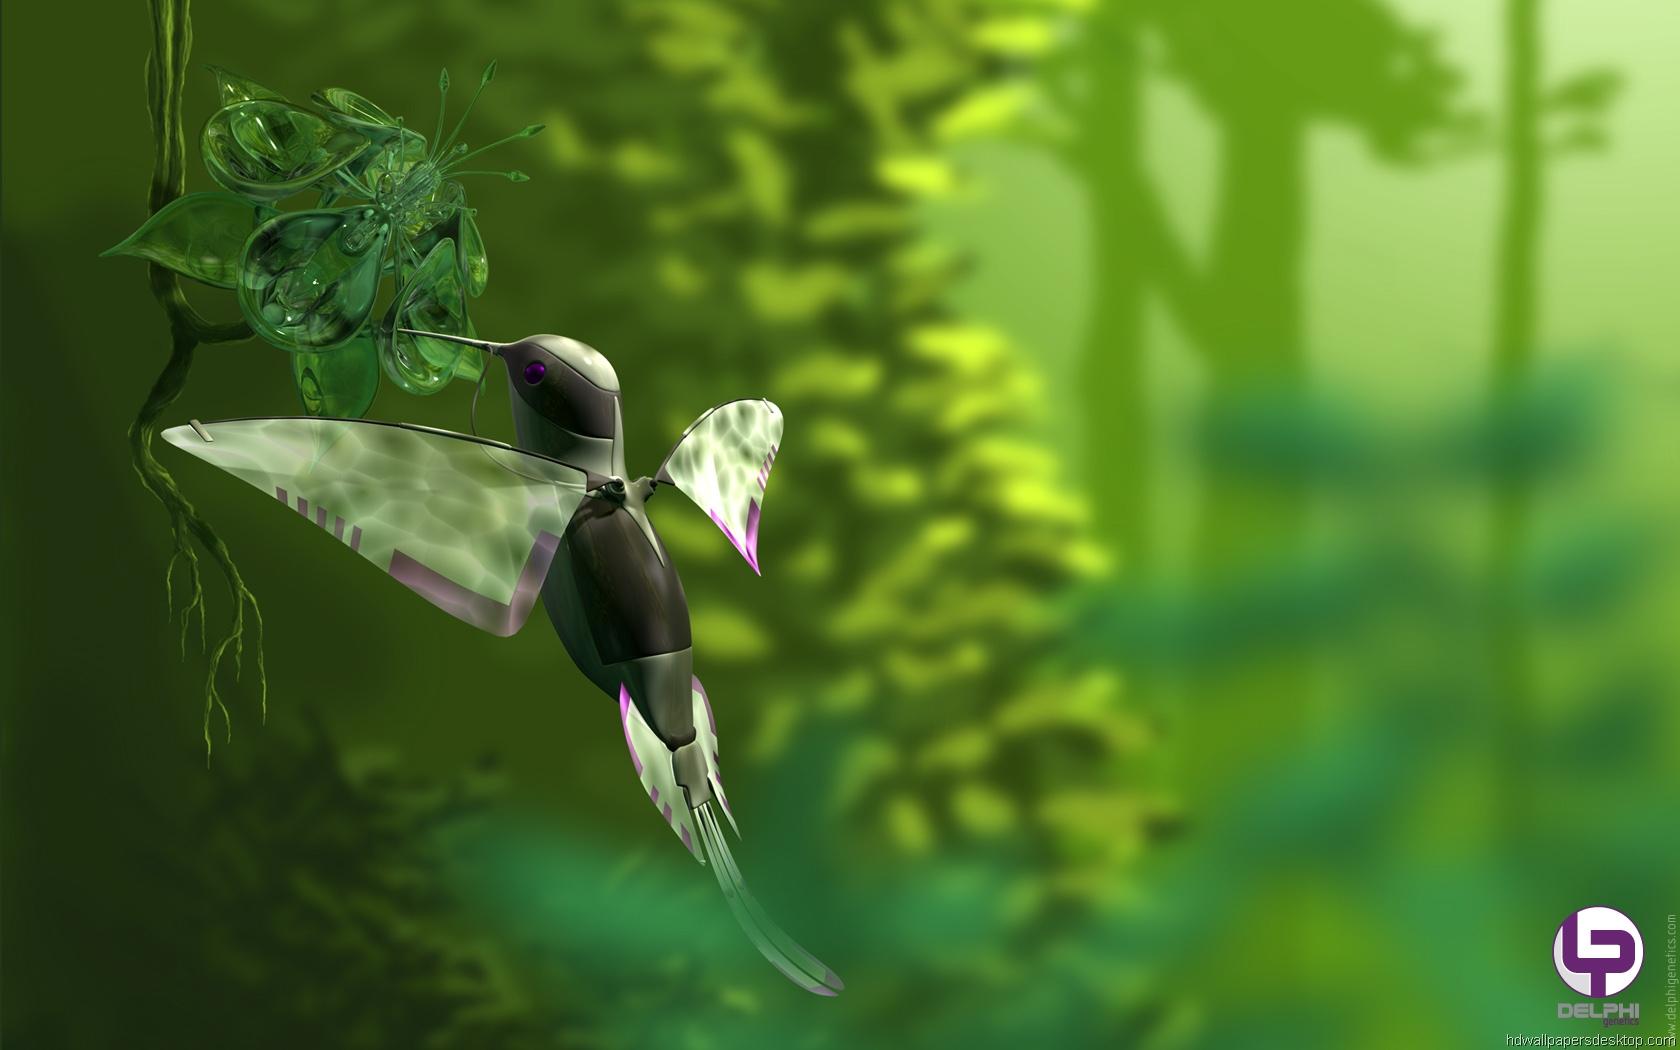 Nature Hd Wallpapers 1080p - WallpaperSafari